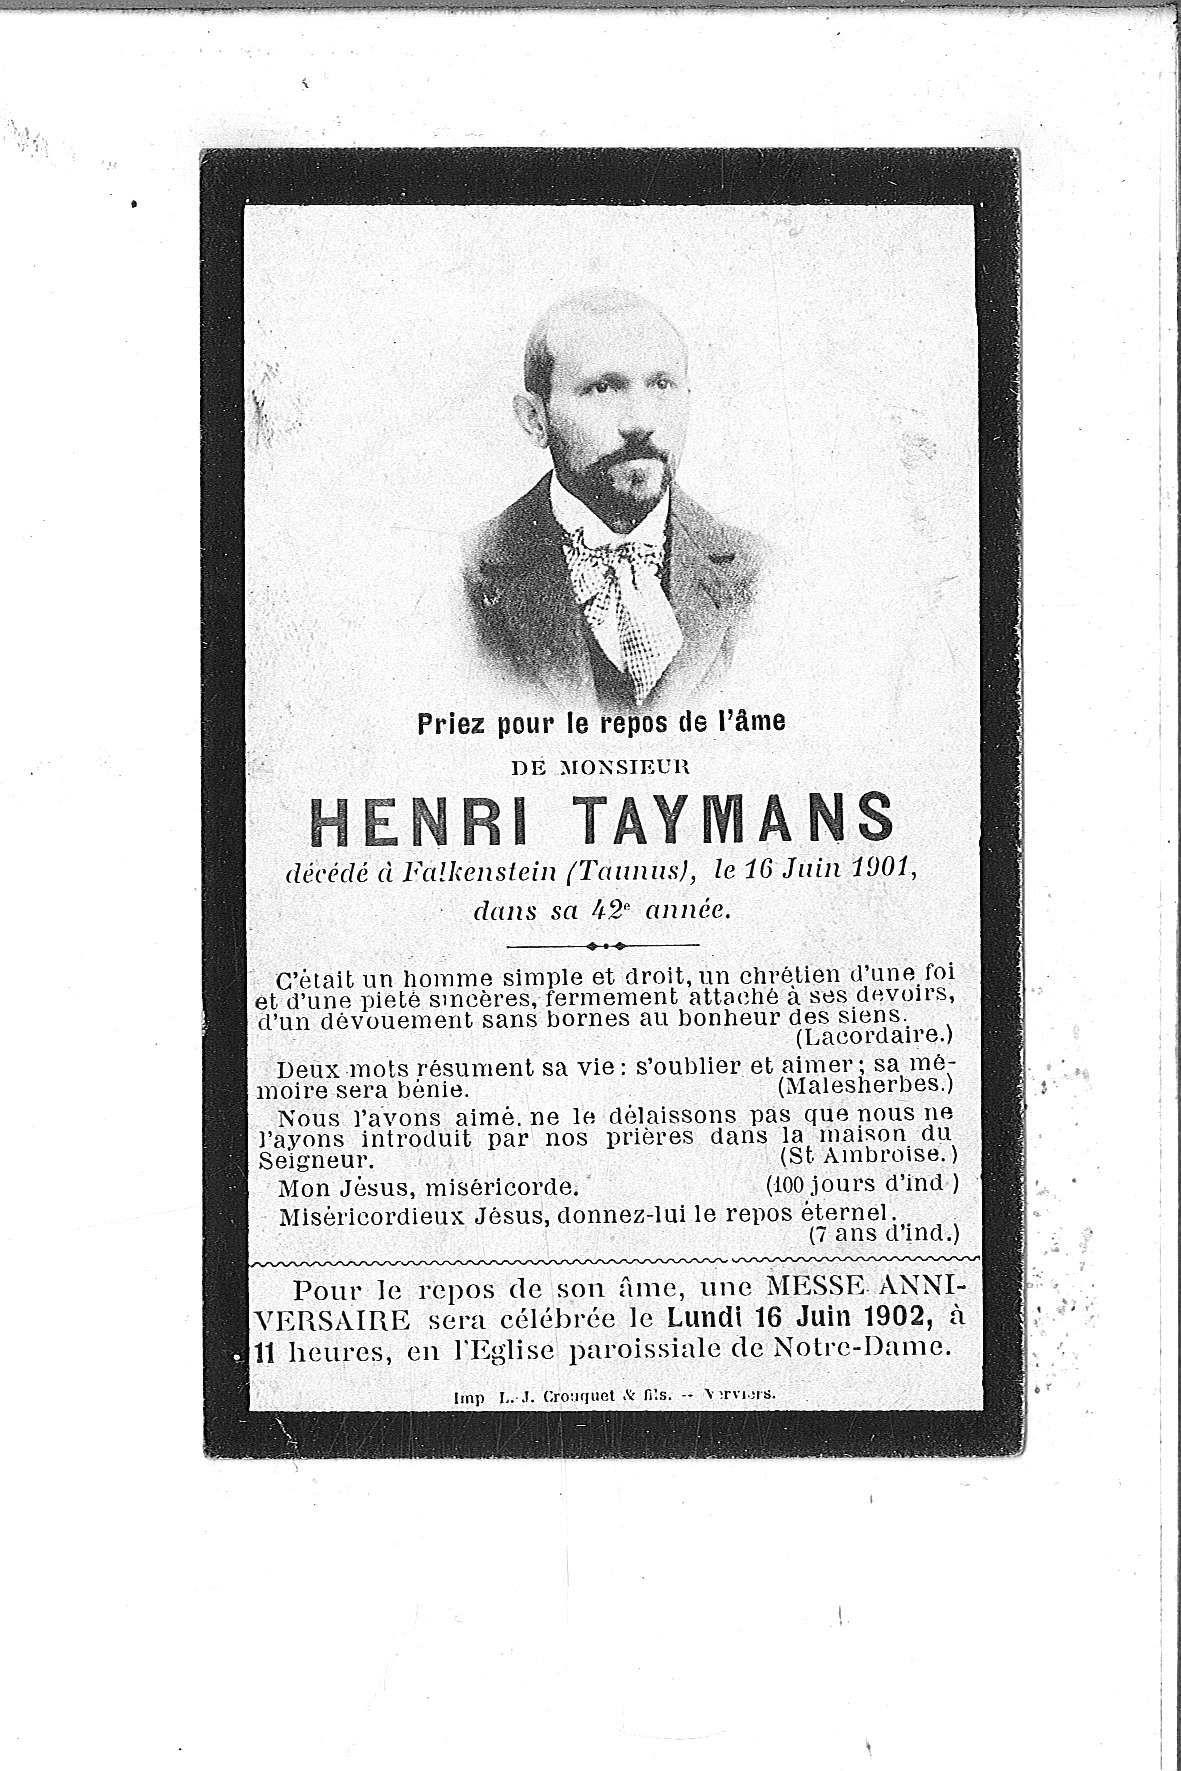 Henri(1901)20140730085017_00177.jpg